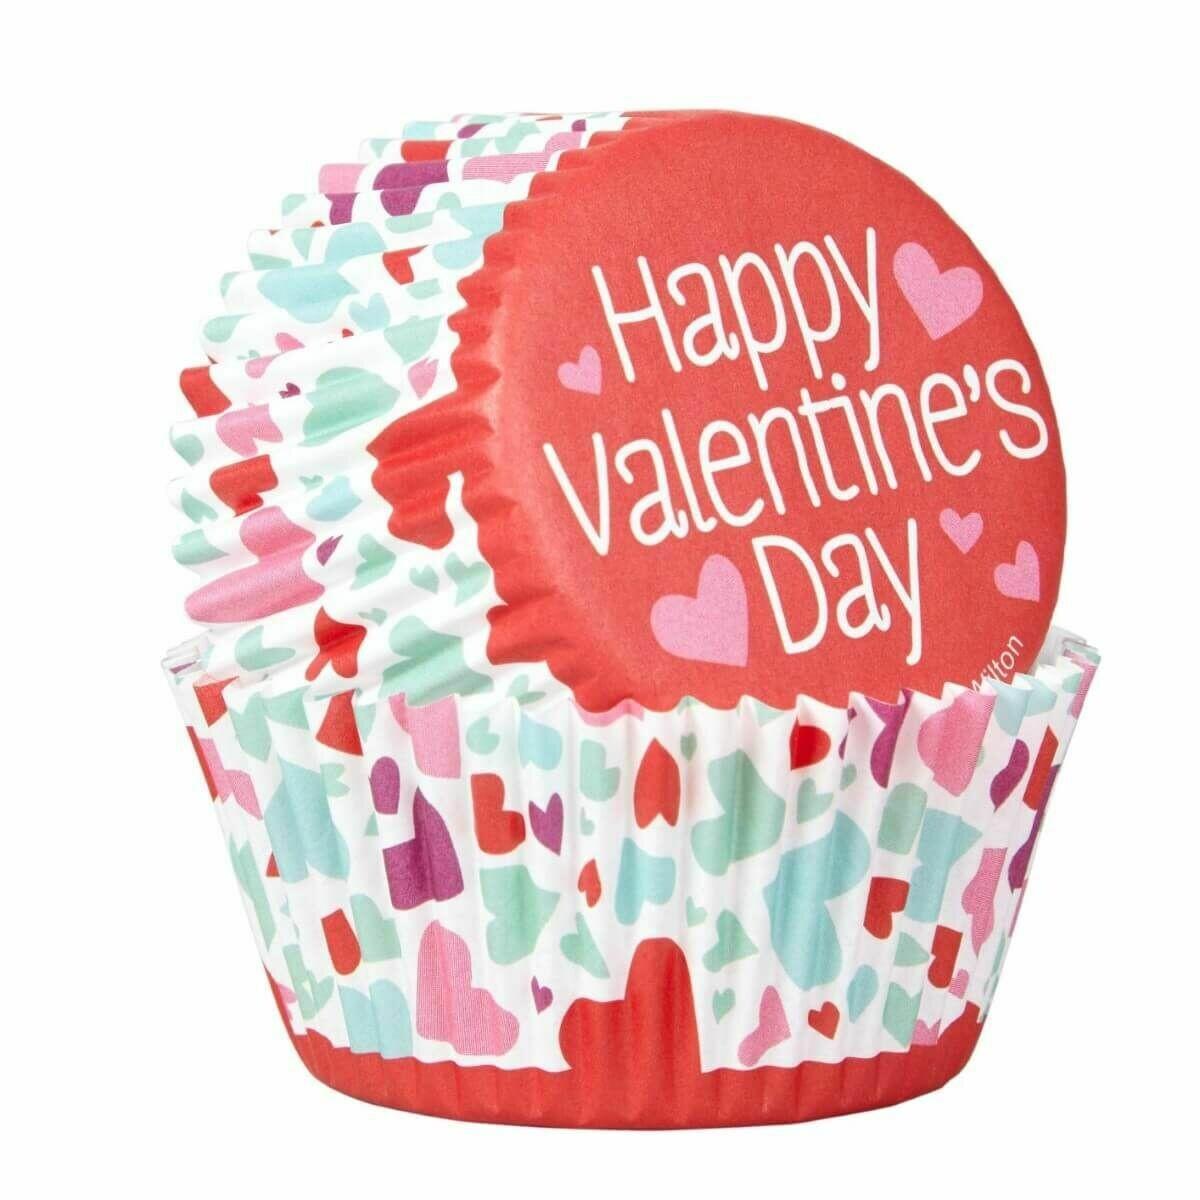 SALE!!! Wilton Valentine Cupcake Cases -'COMBO PACK'  -Θήκες ψησίματος Καπκέικ/Μάφιν 24 τεμ και τόπερ καρδιές με θέμα τον Άγιο Βαλεντίνο